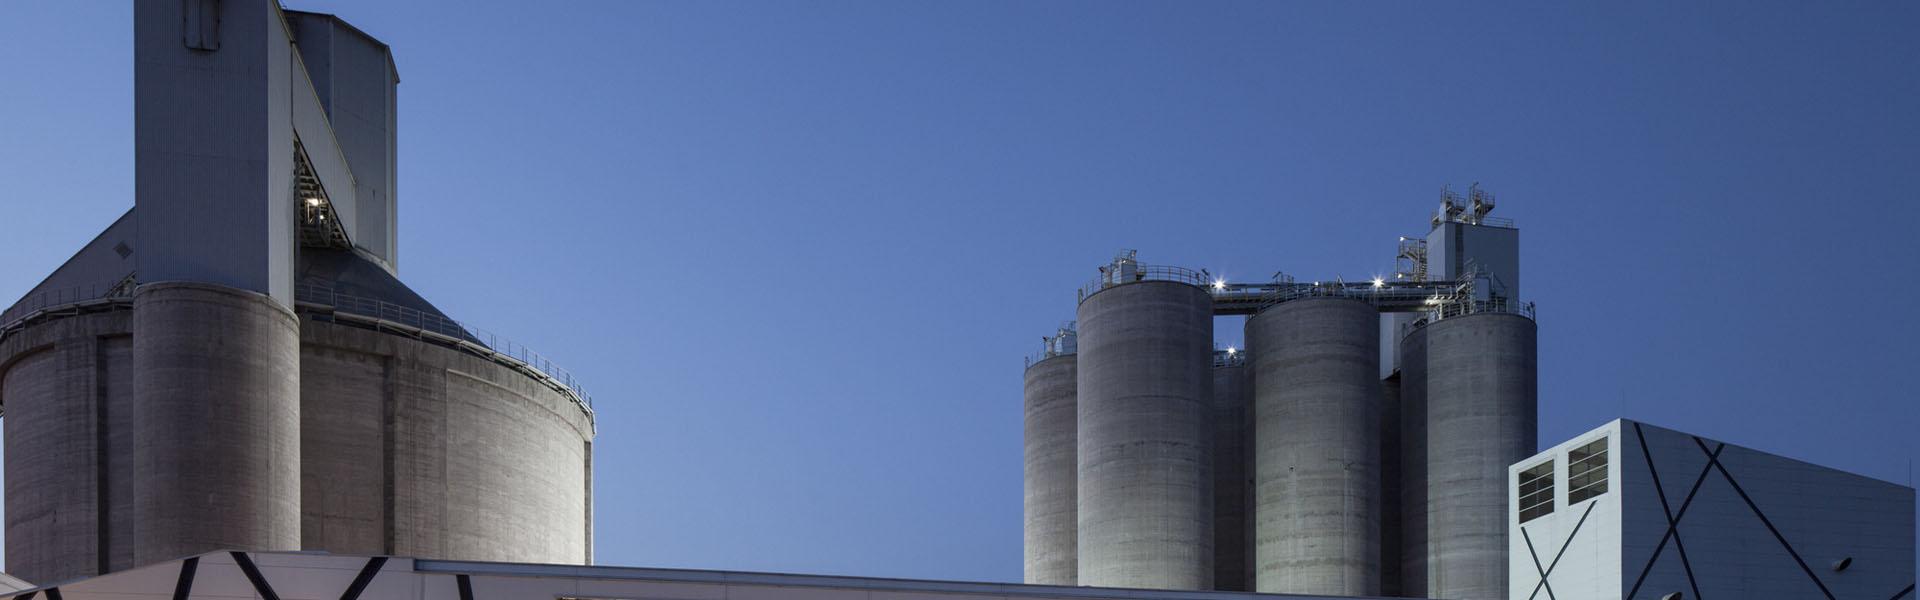 Zementwerk LAFARGE